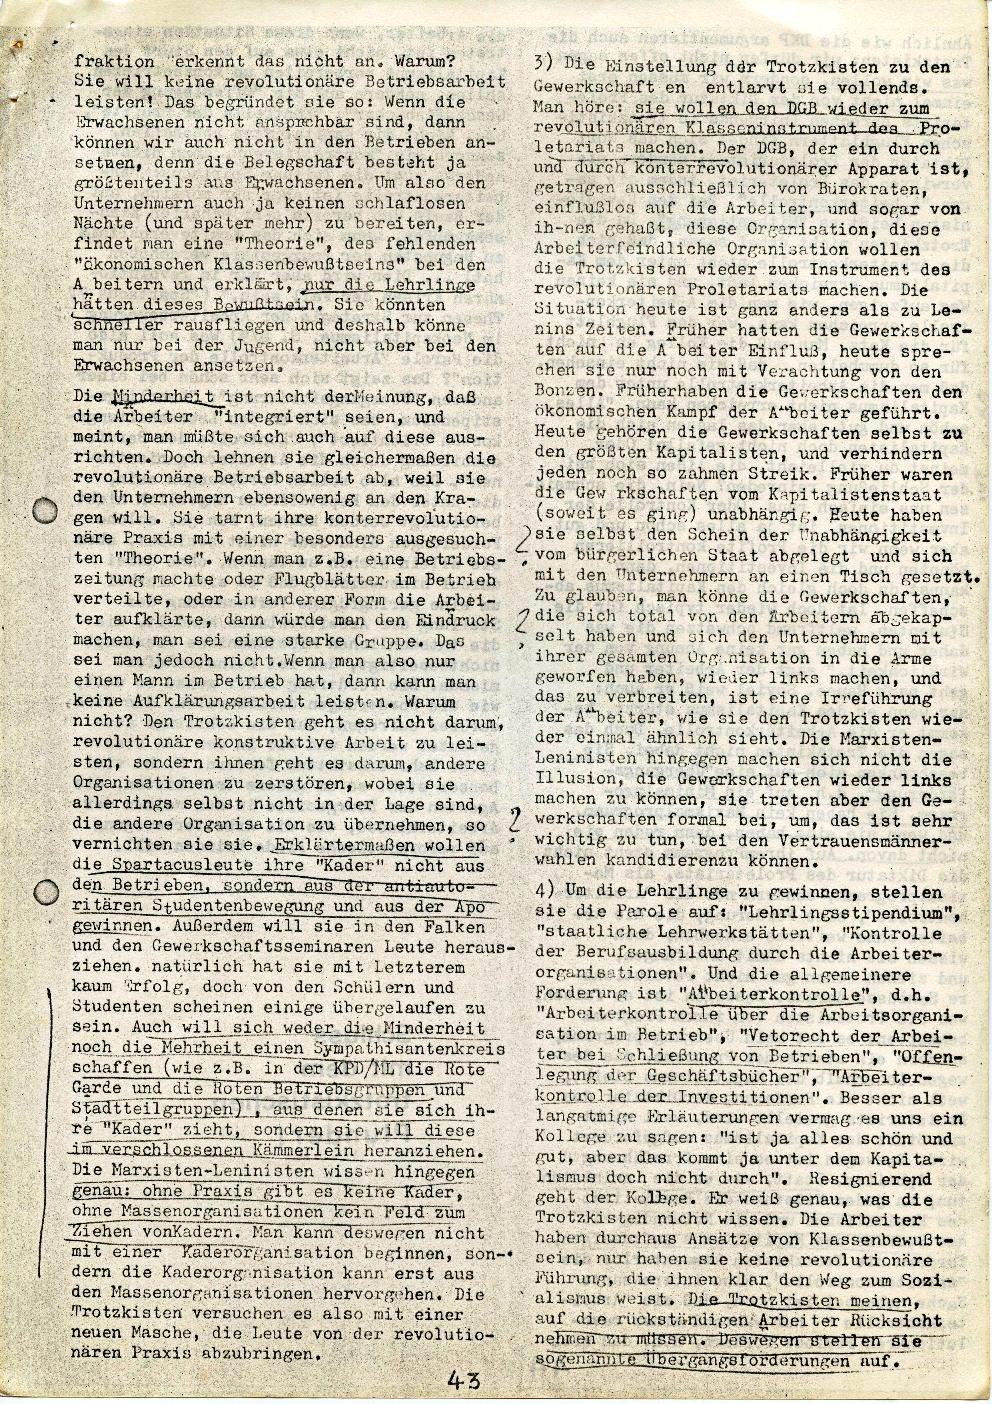 RG_Bolschewik_1970_01_043